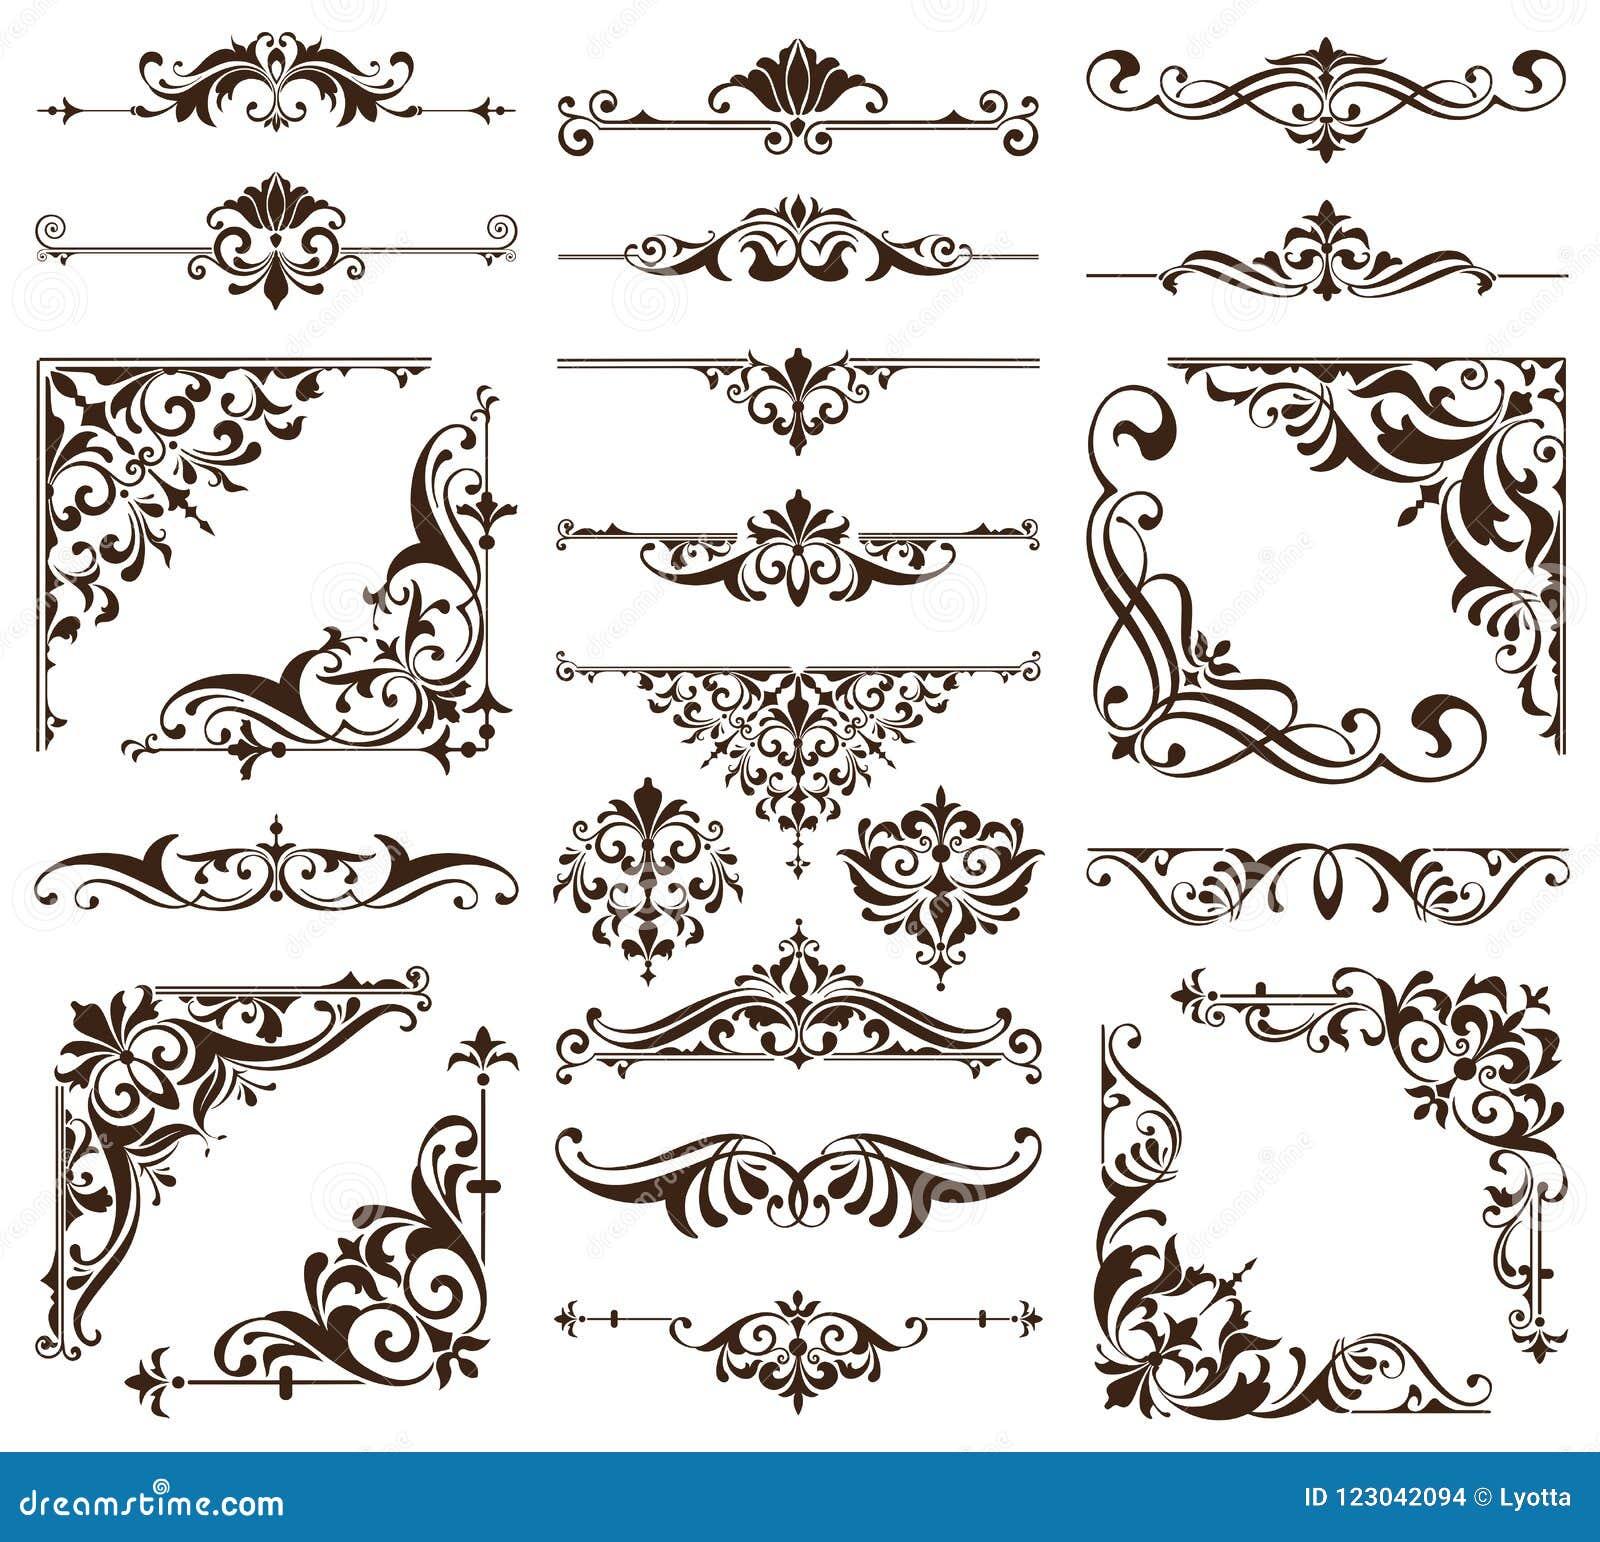 葡萄酒样式墙纸锦缎艺术nouveau装饰花卉设计元素无缝的纹理色的背景